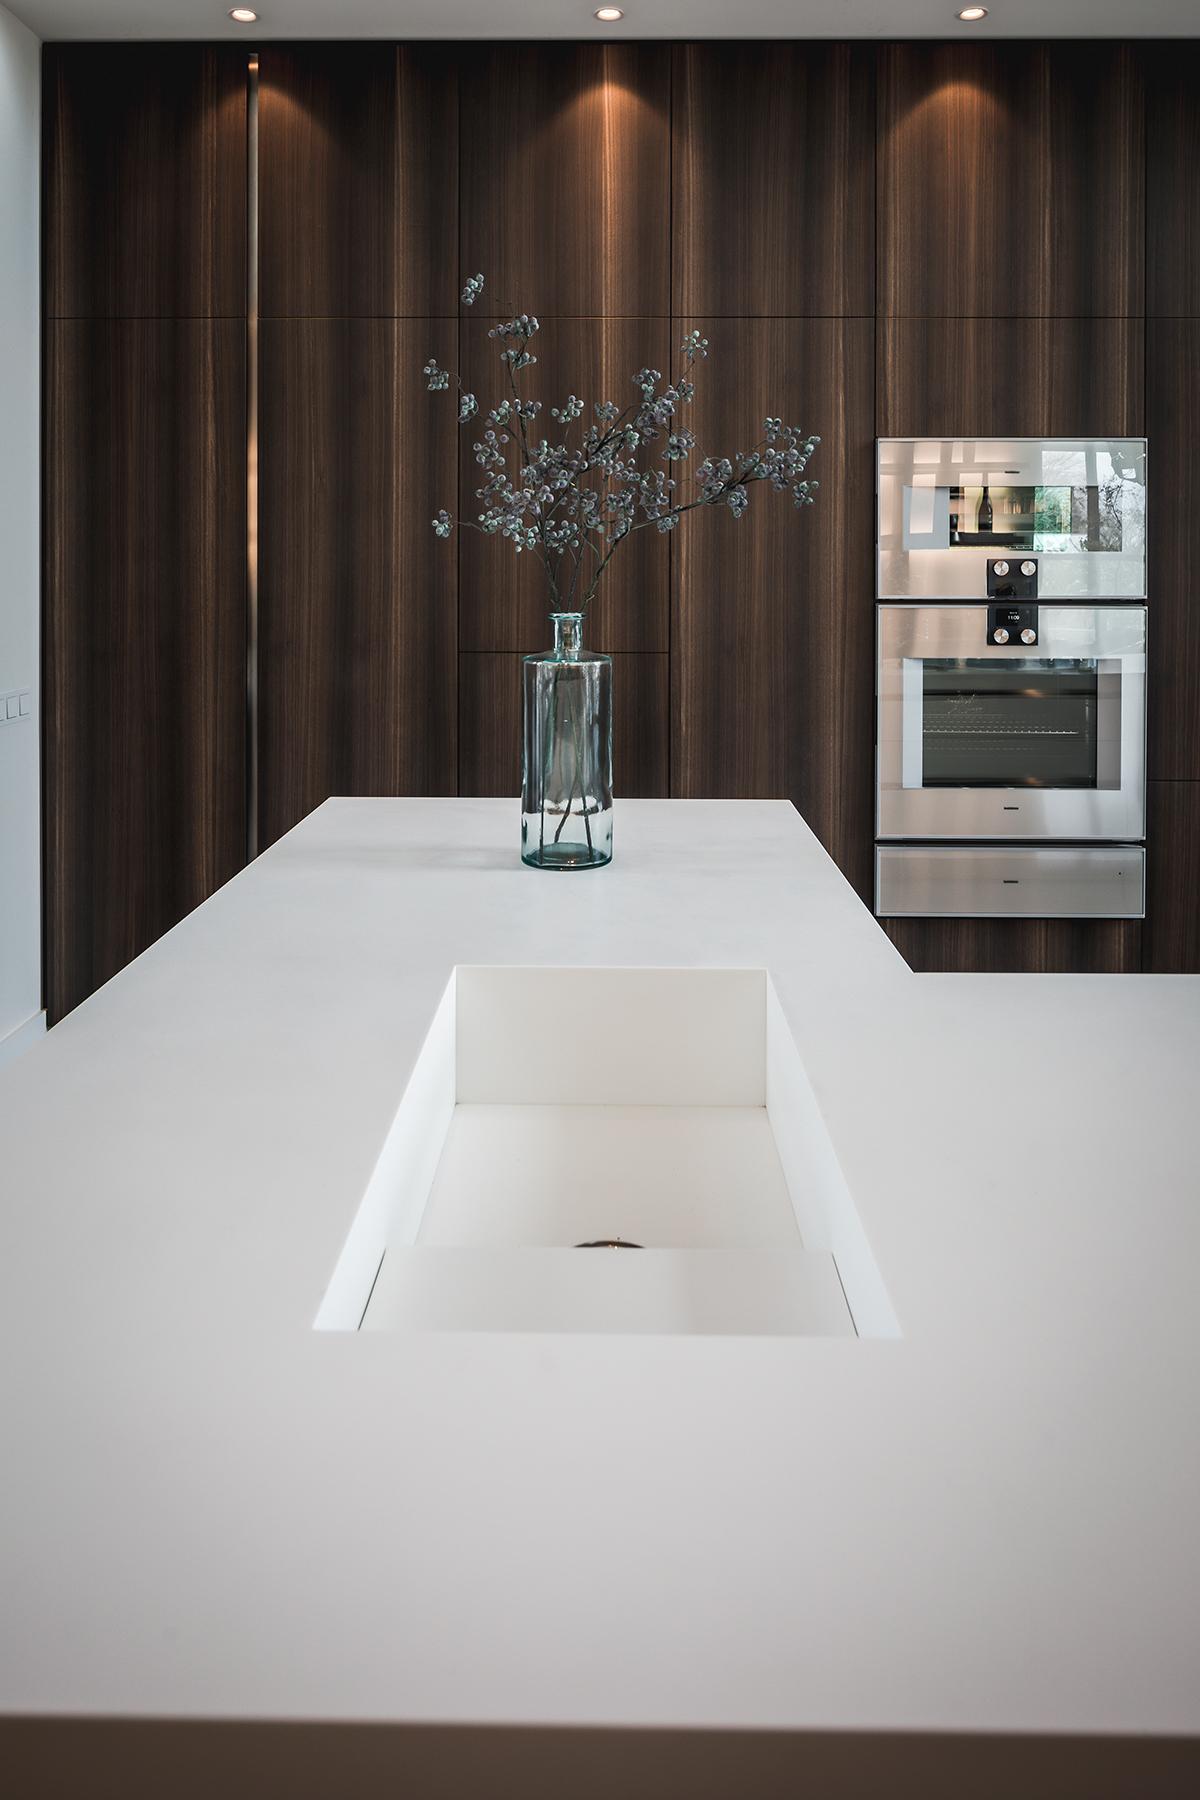 Keuken, Keukenapparatuur, Strak, Modern, Kitchen